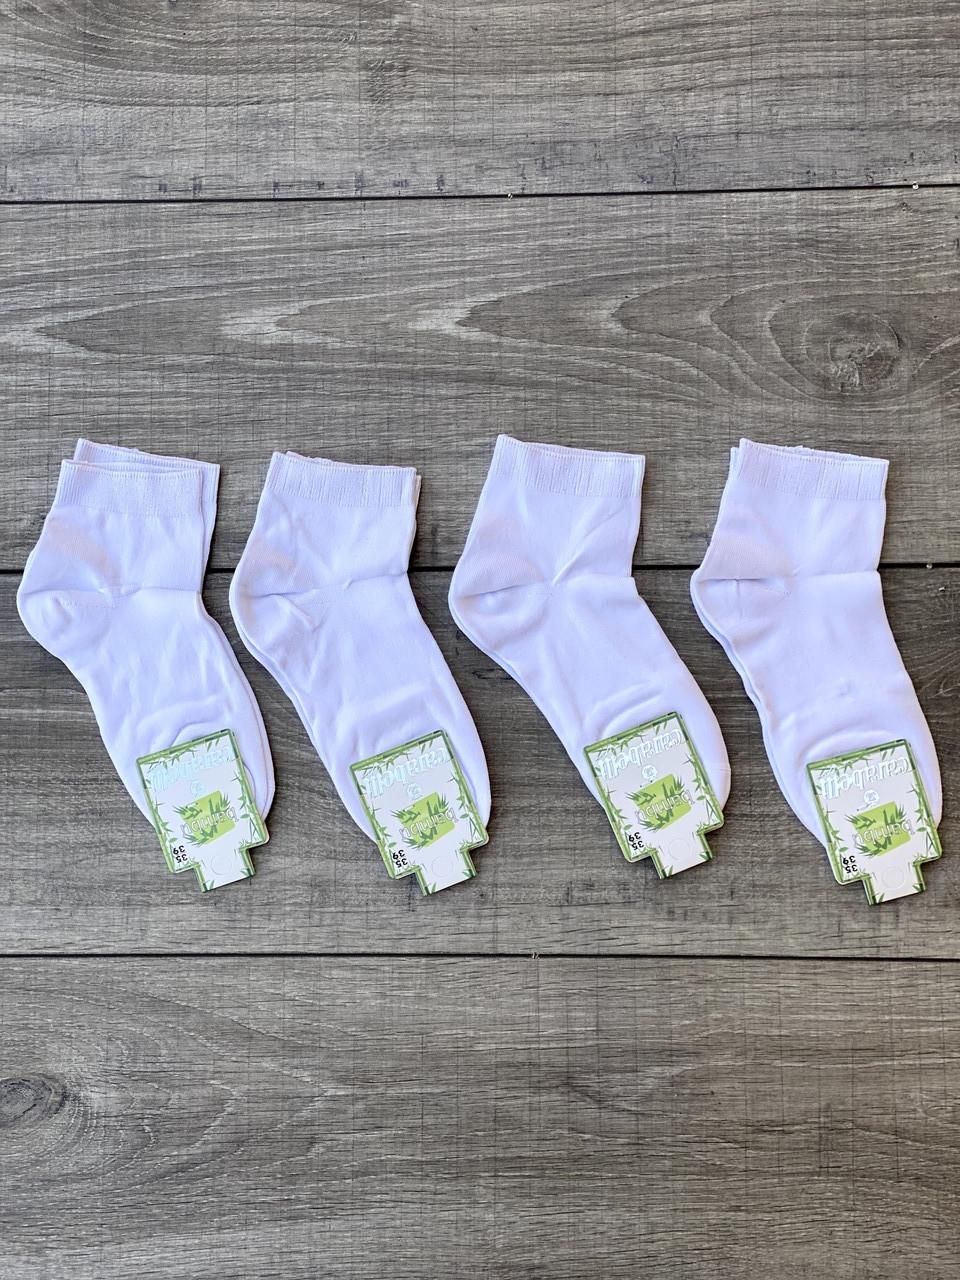 Жіночі шкарпетки Carabelli, до кісточки, короткі, 100% бамбук. Класичні, розмір 36-40, 12 пар \ уп, білі